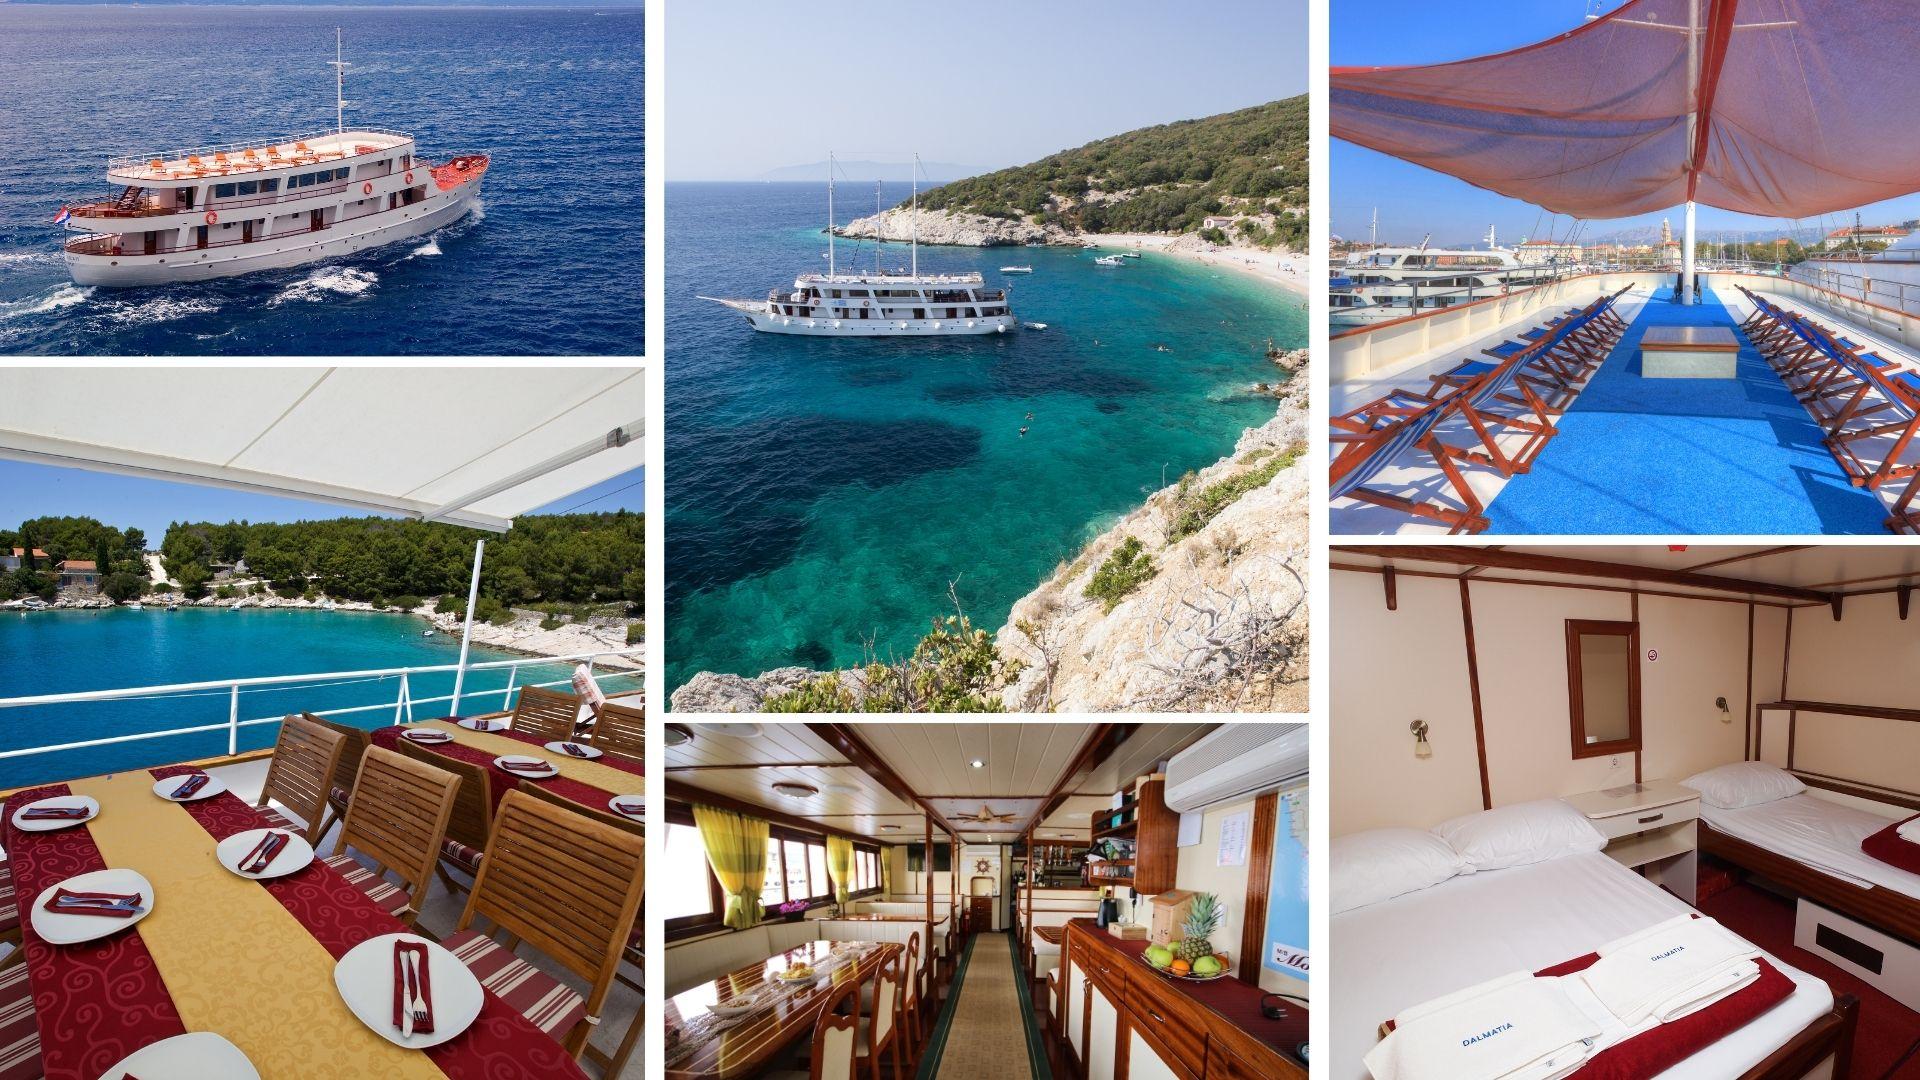 Premium vessel